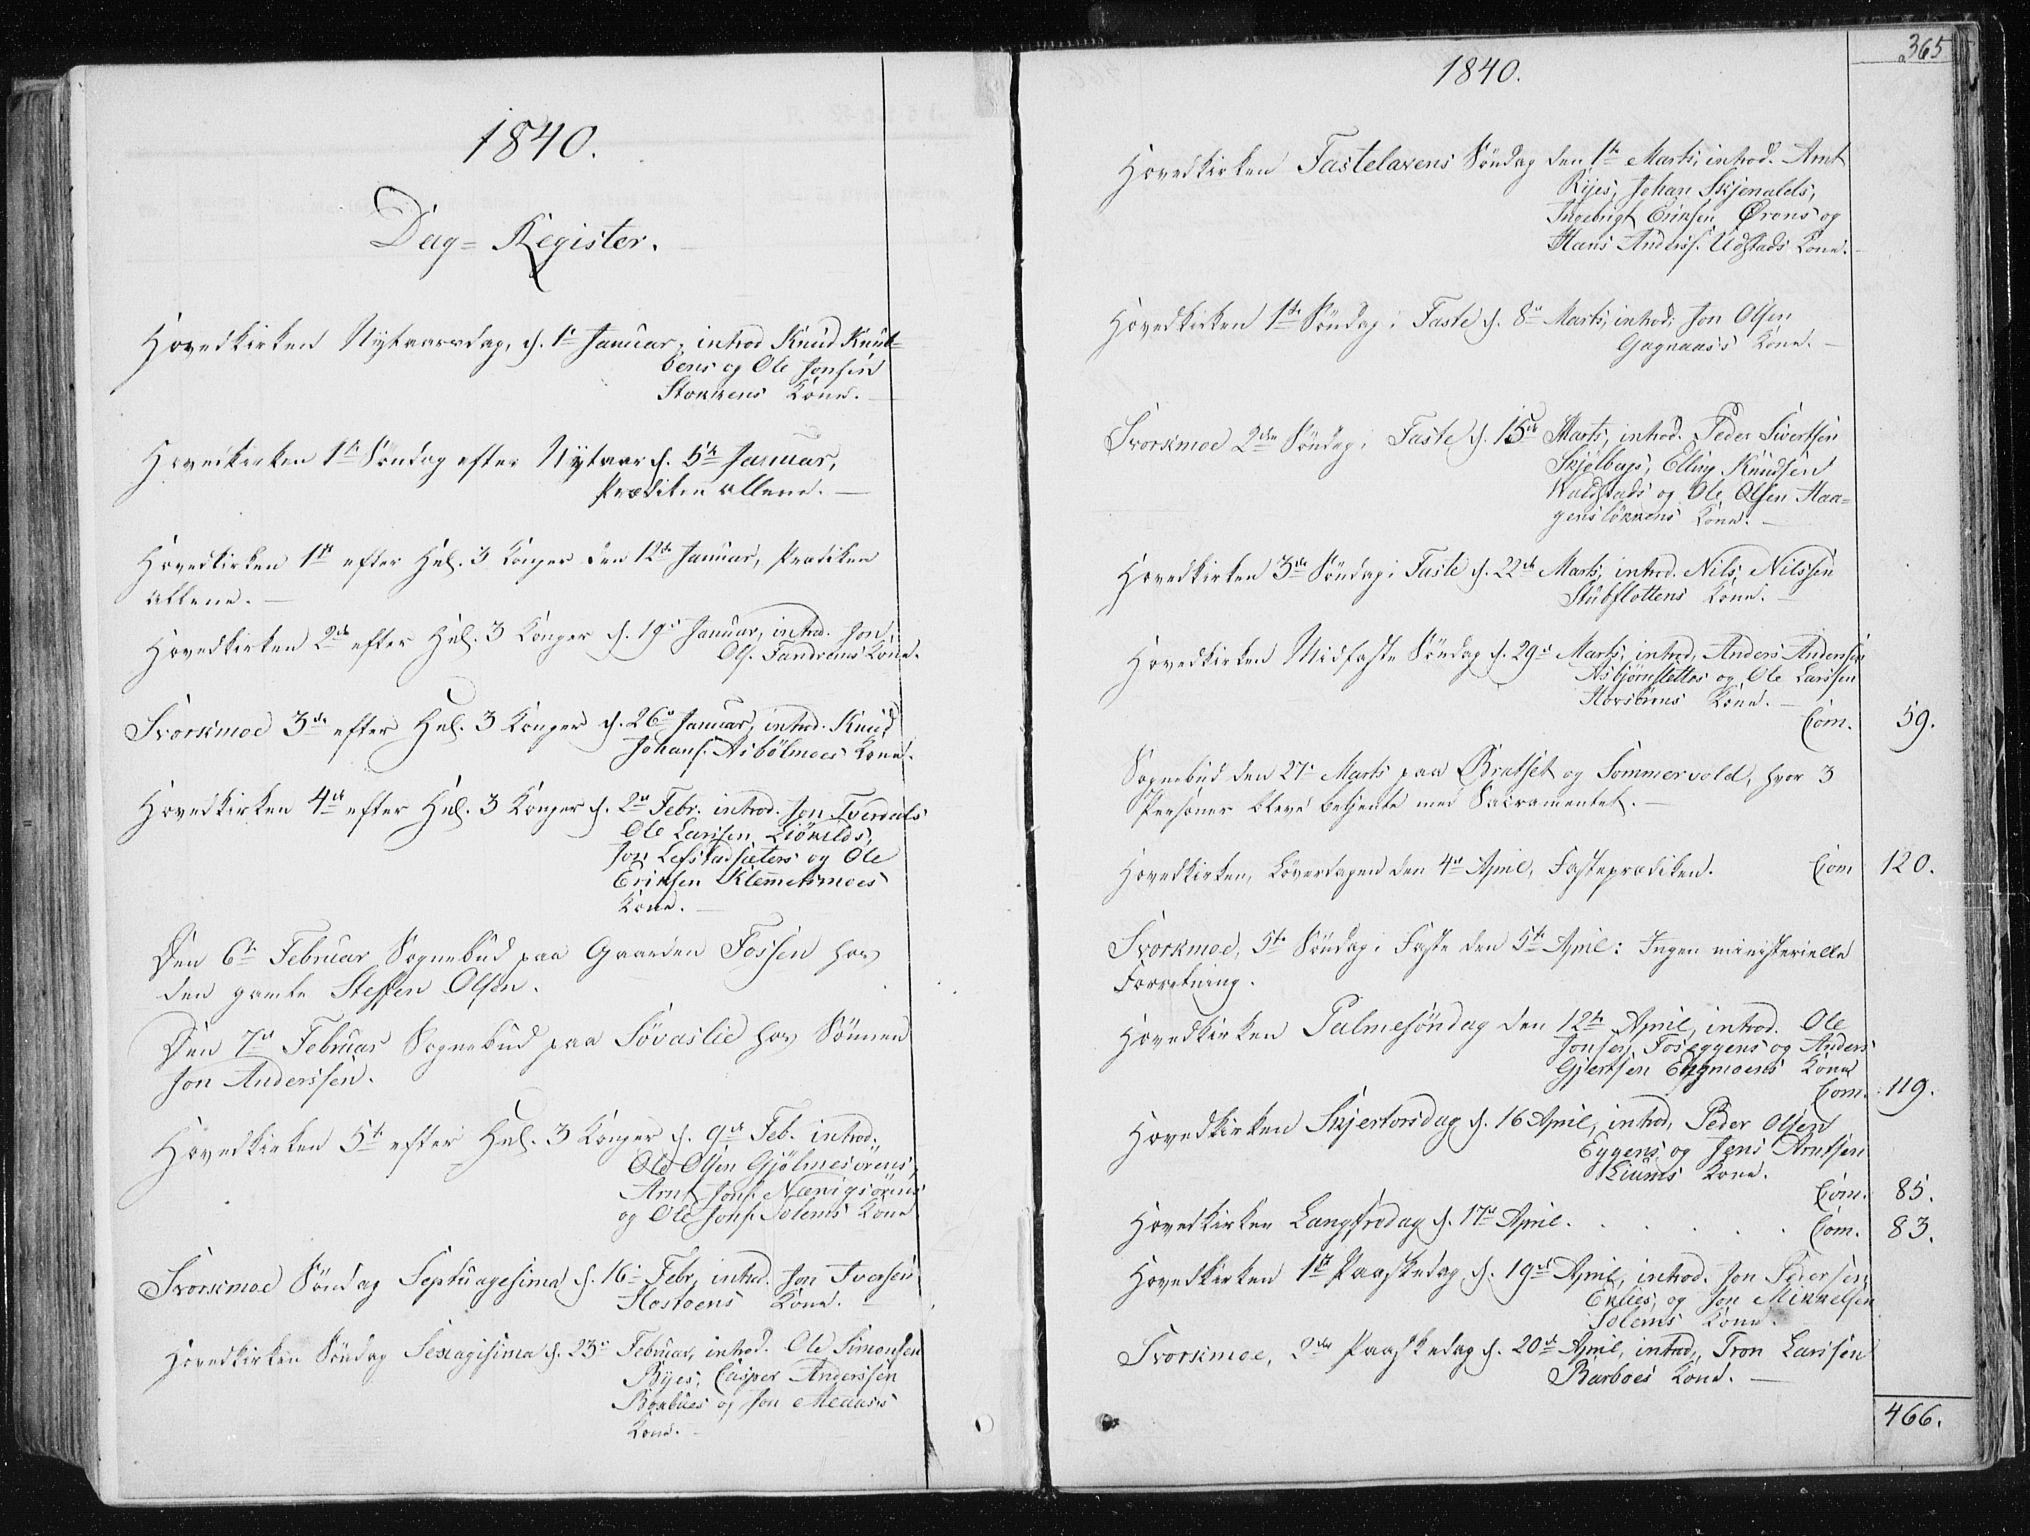 SAT, Ministerialprotokoller, klokkerbøker og fødselsregistre - Sør-Trøndelag, 668/L0805: Ministerialbok nr. 668A05, 1840-1853, s. 365